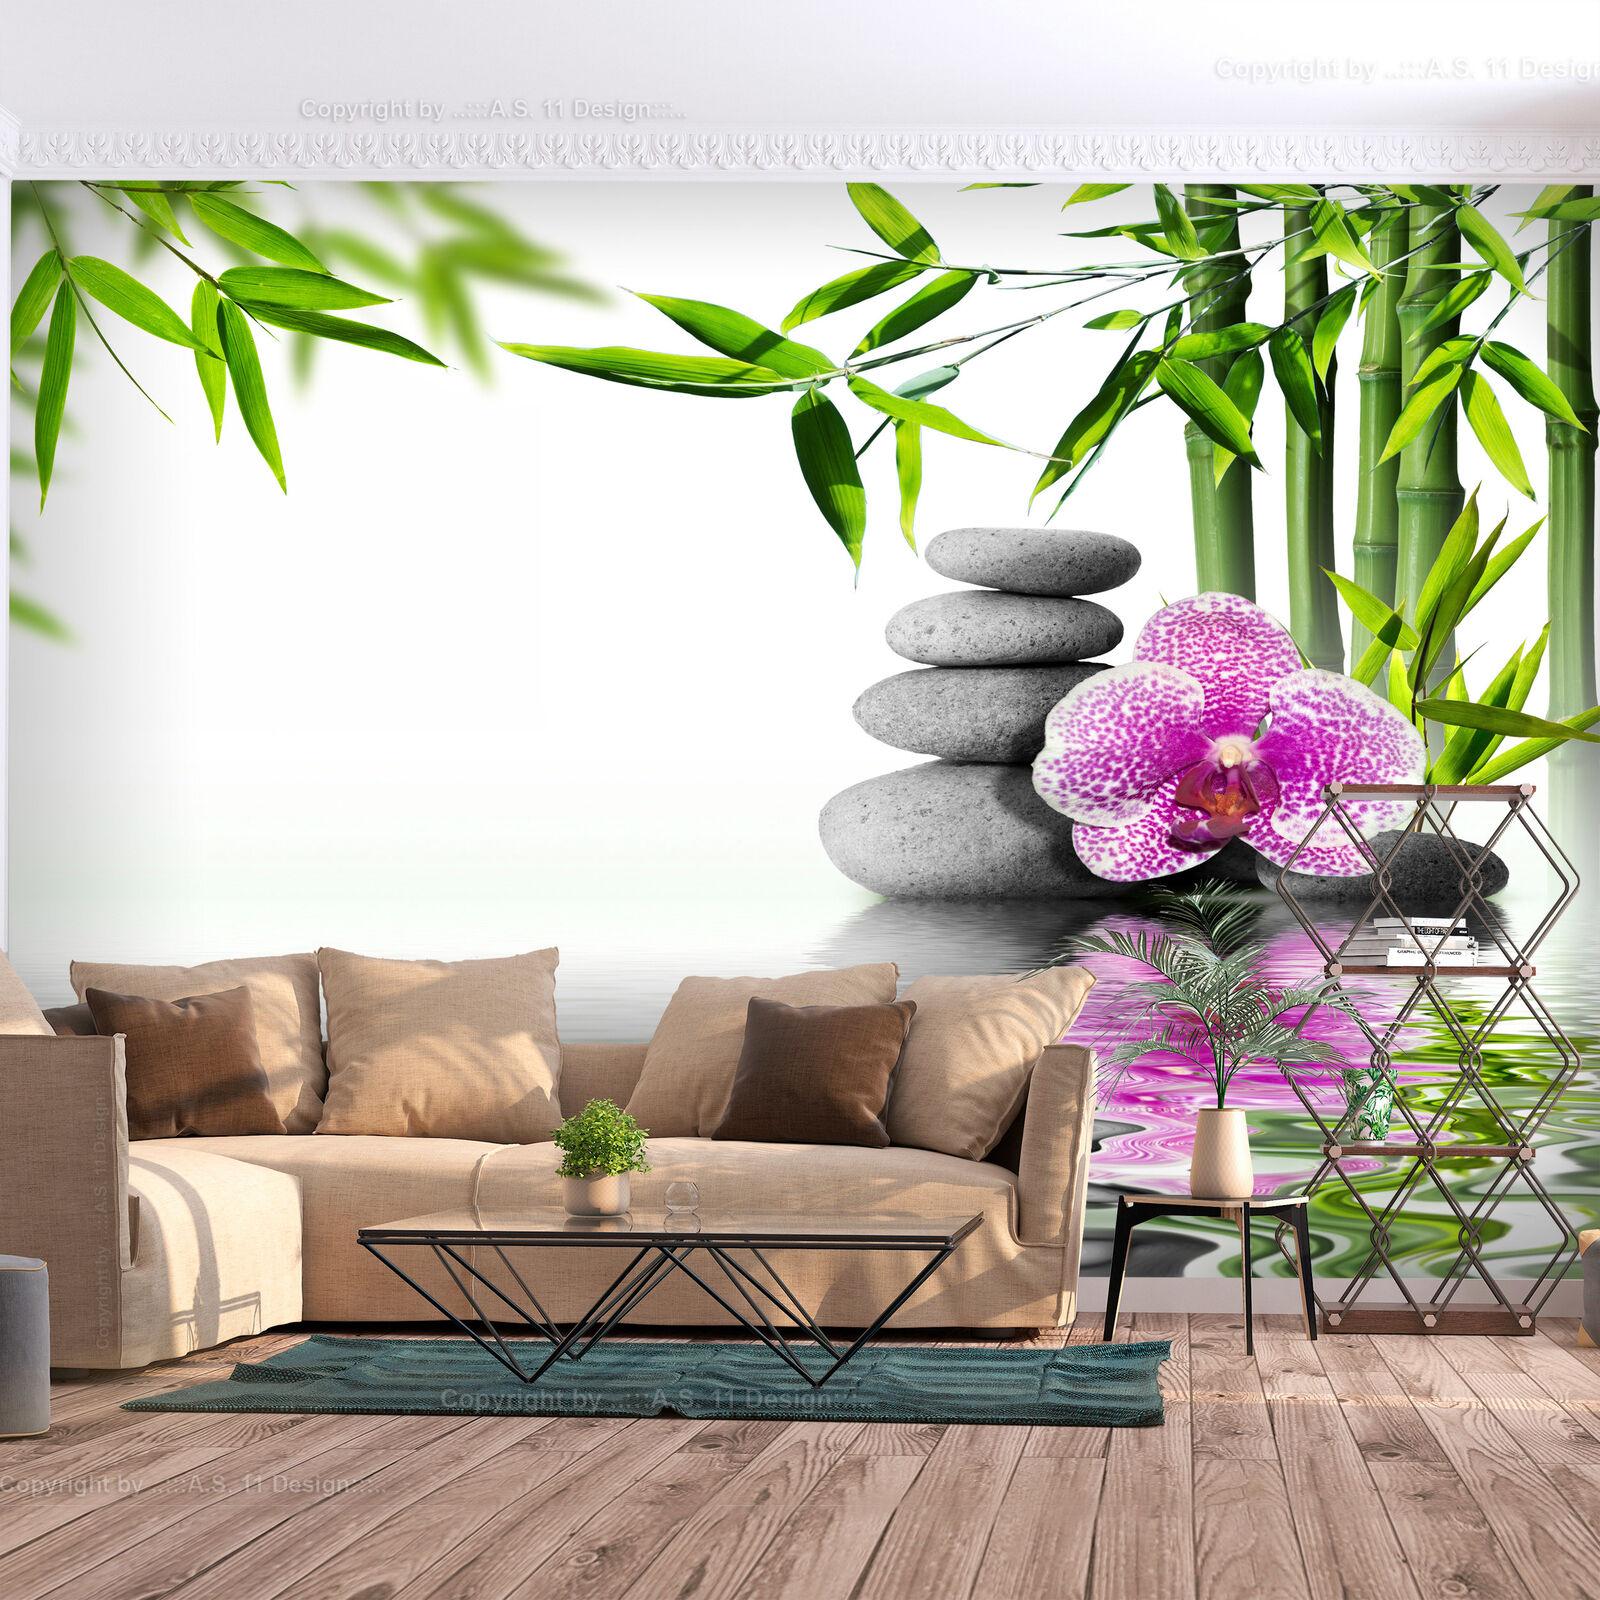 Full Size of Fototapeten Wohnzimmer Fototapete Modern Guenstig Blumen Beige Ideen Ebay 3d Amazon Schrank Decke Schrankwand Relaxliege Deckenleuchten Wohnwand Led Wohnzimmer Fototapeten Wohnzimmer